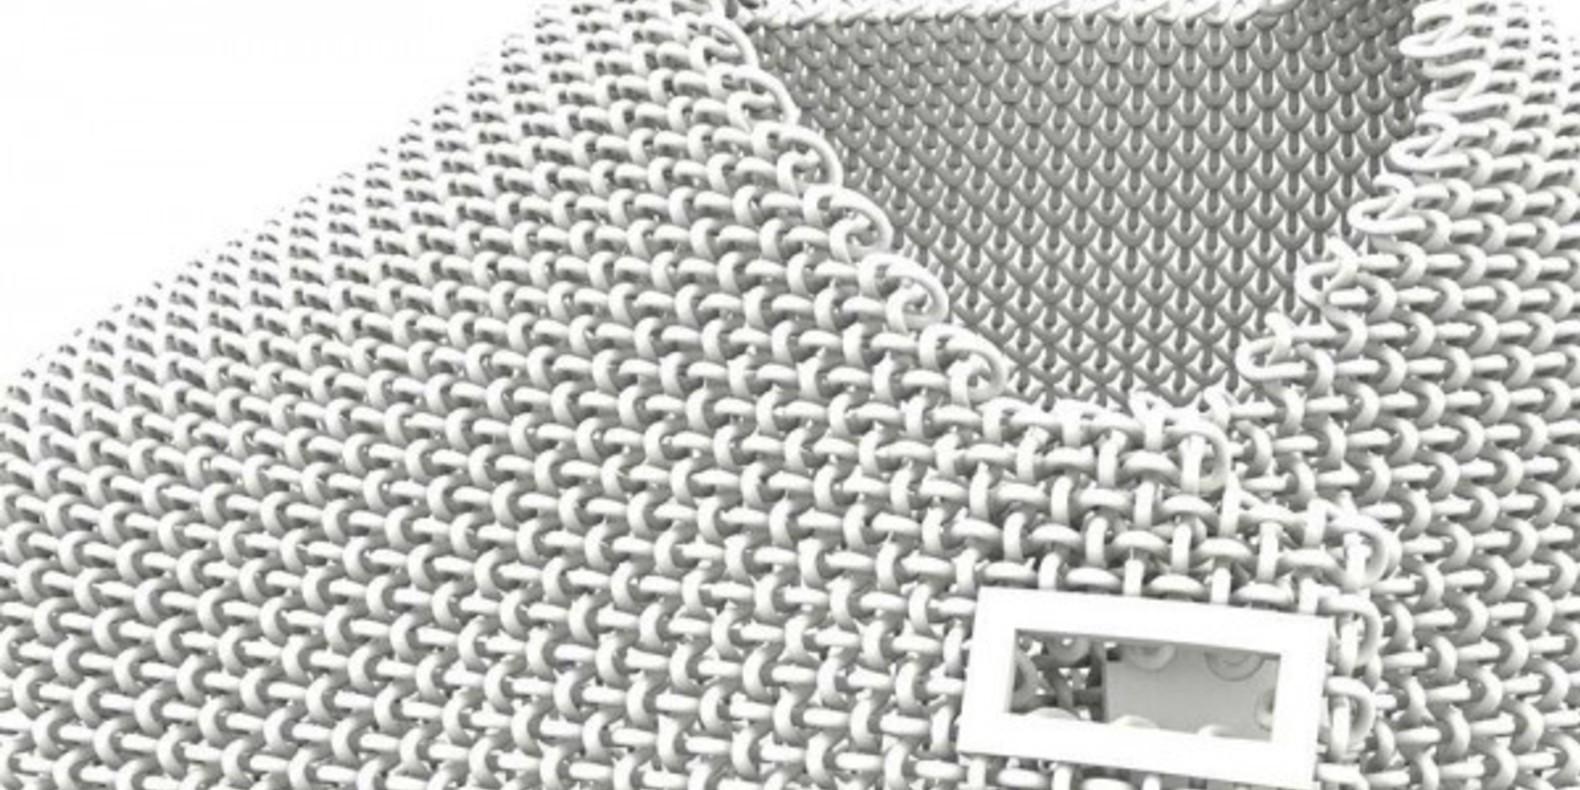 amimono-vetement-imprimes-en-3d-impression-3d-japanese-designers-cults-fichier-3d-mode-3d-printing